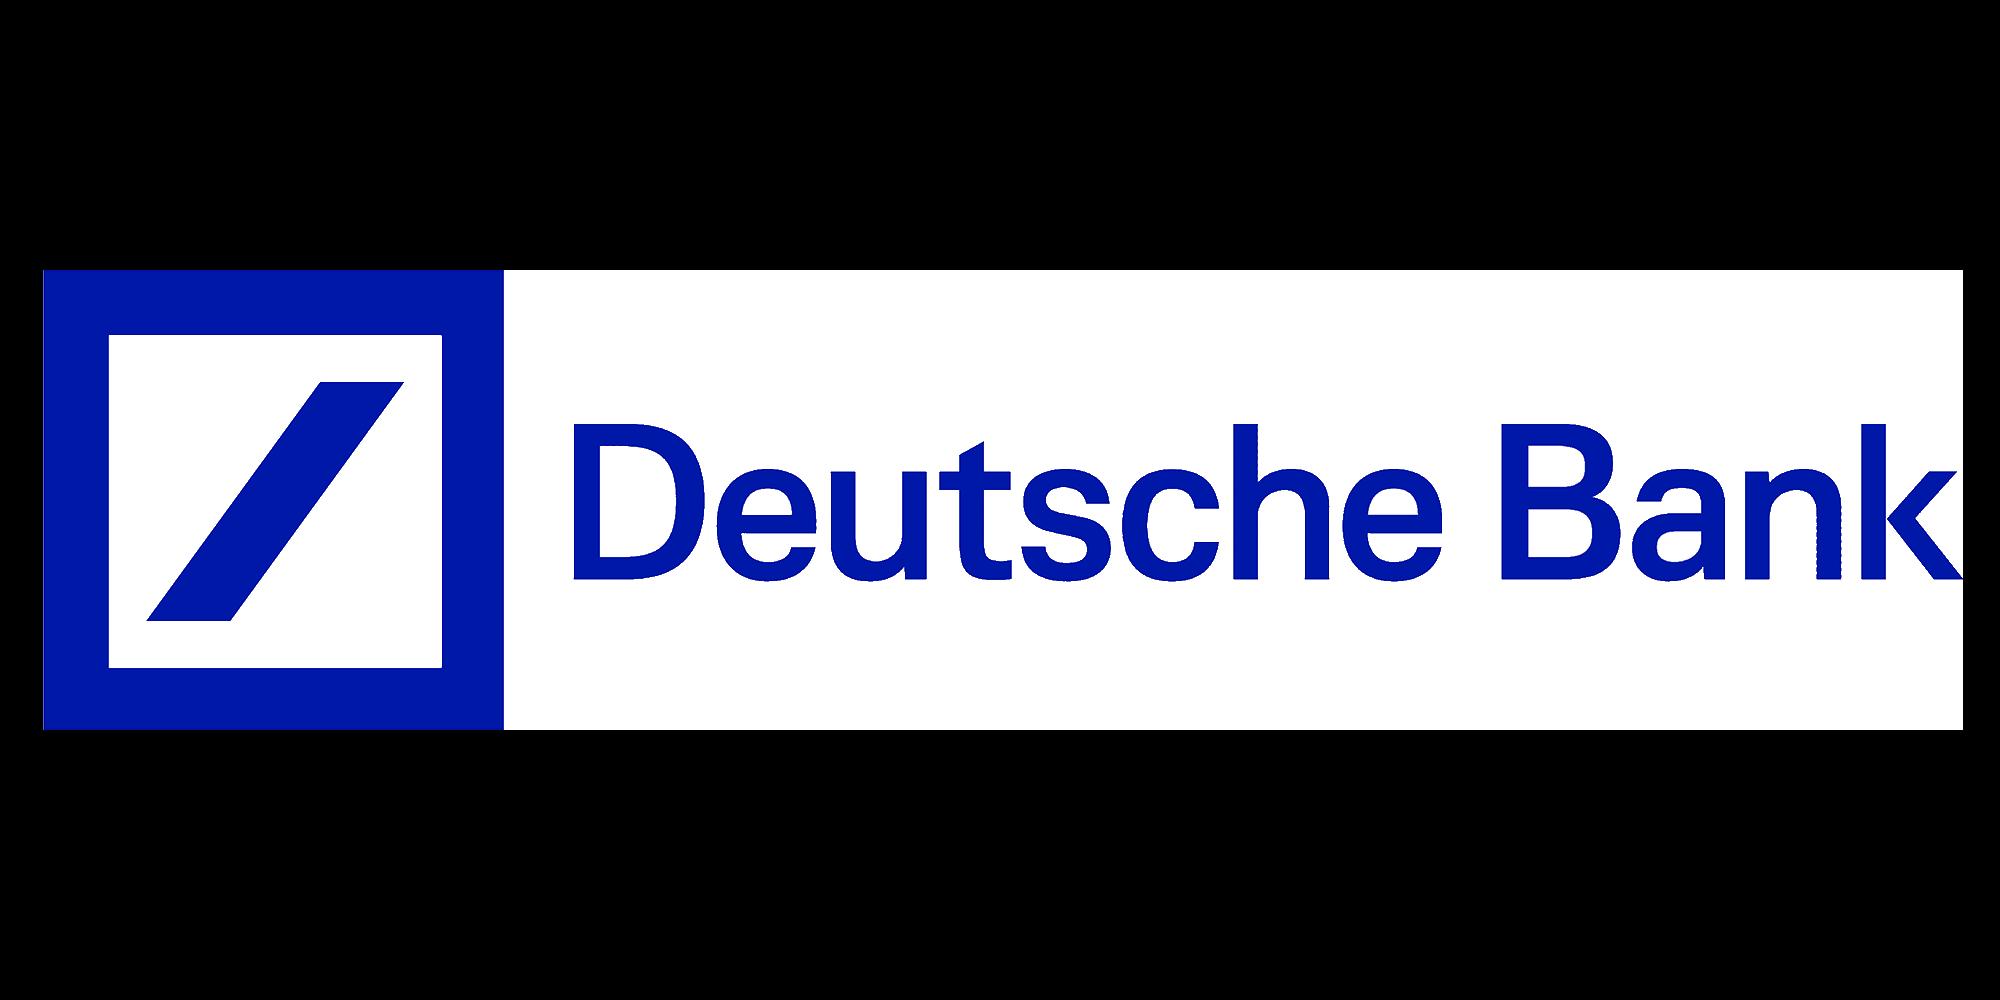 deutscheank